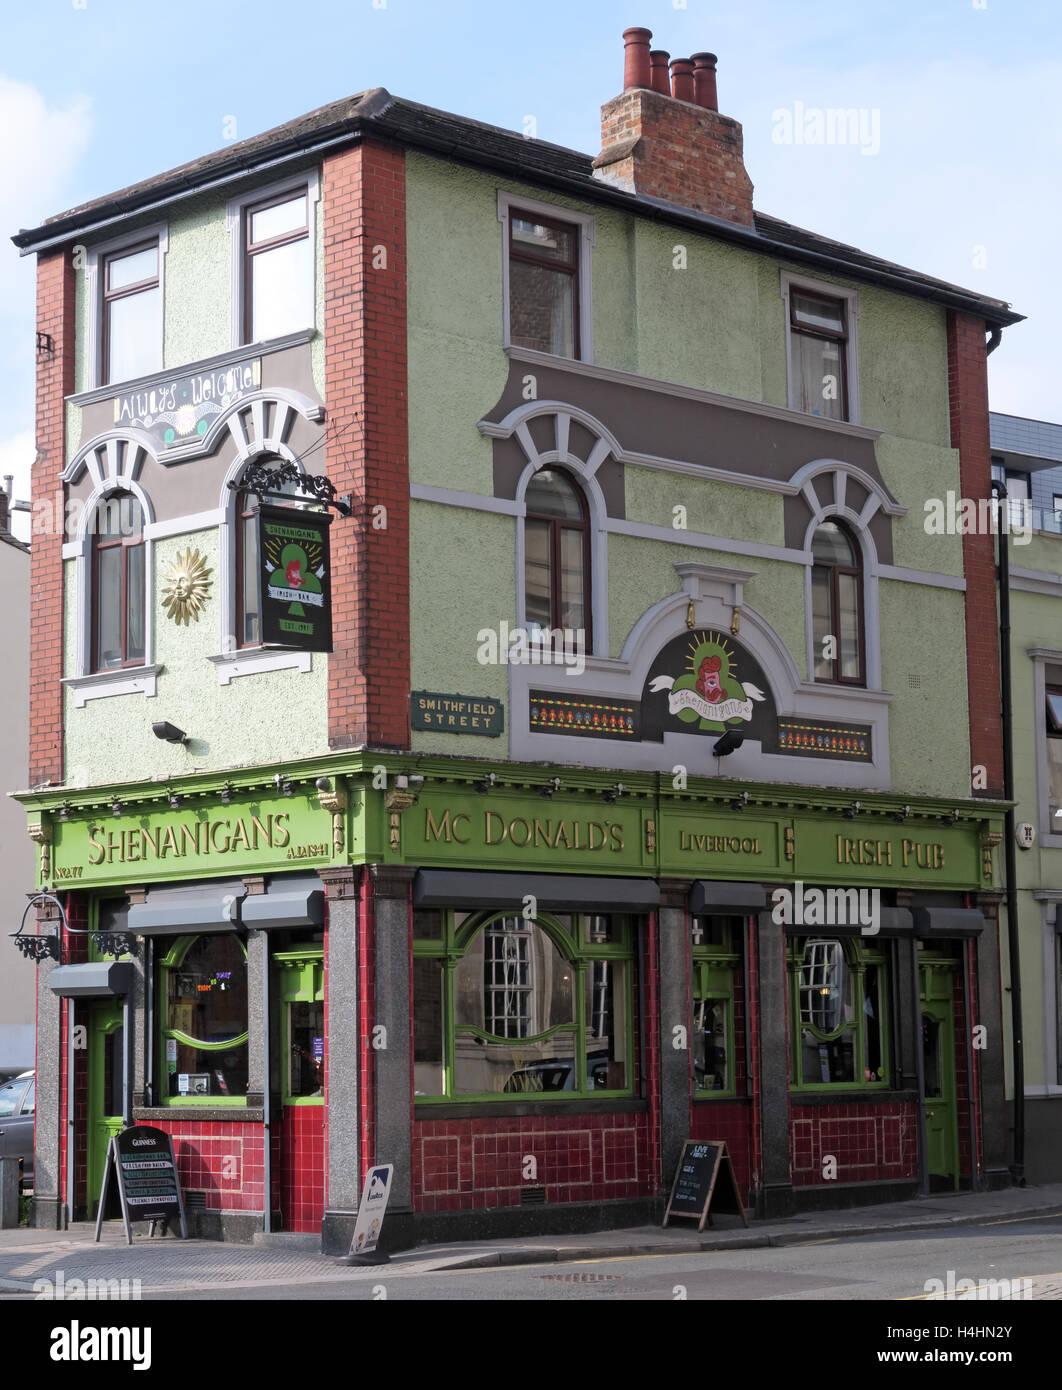 Laden Sie dieses Alamy Stockfoto Shenanigans Pub, McDonalds Bierstube, Smithfield St, Liverpool, Merseyside, Großbritannien - H4HN2Y